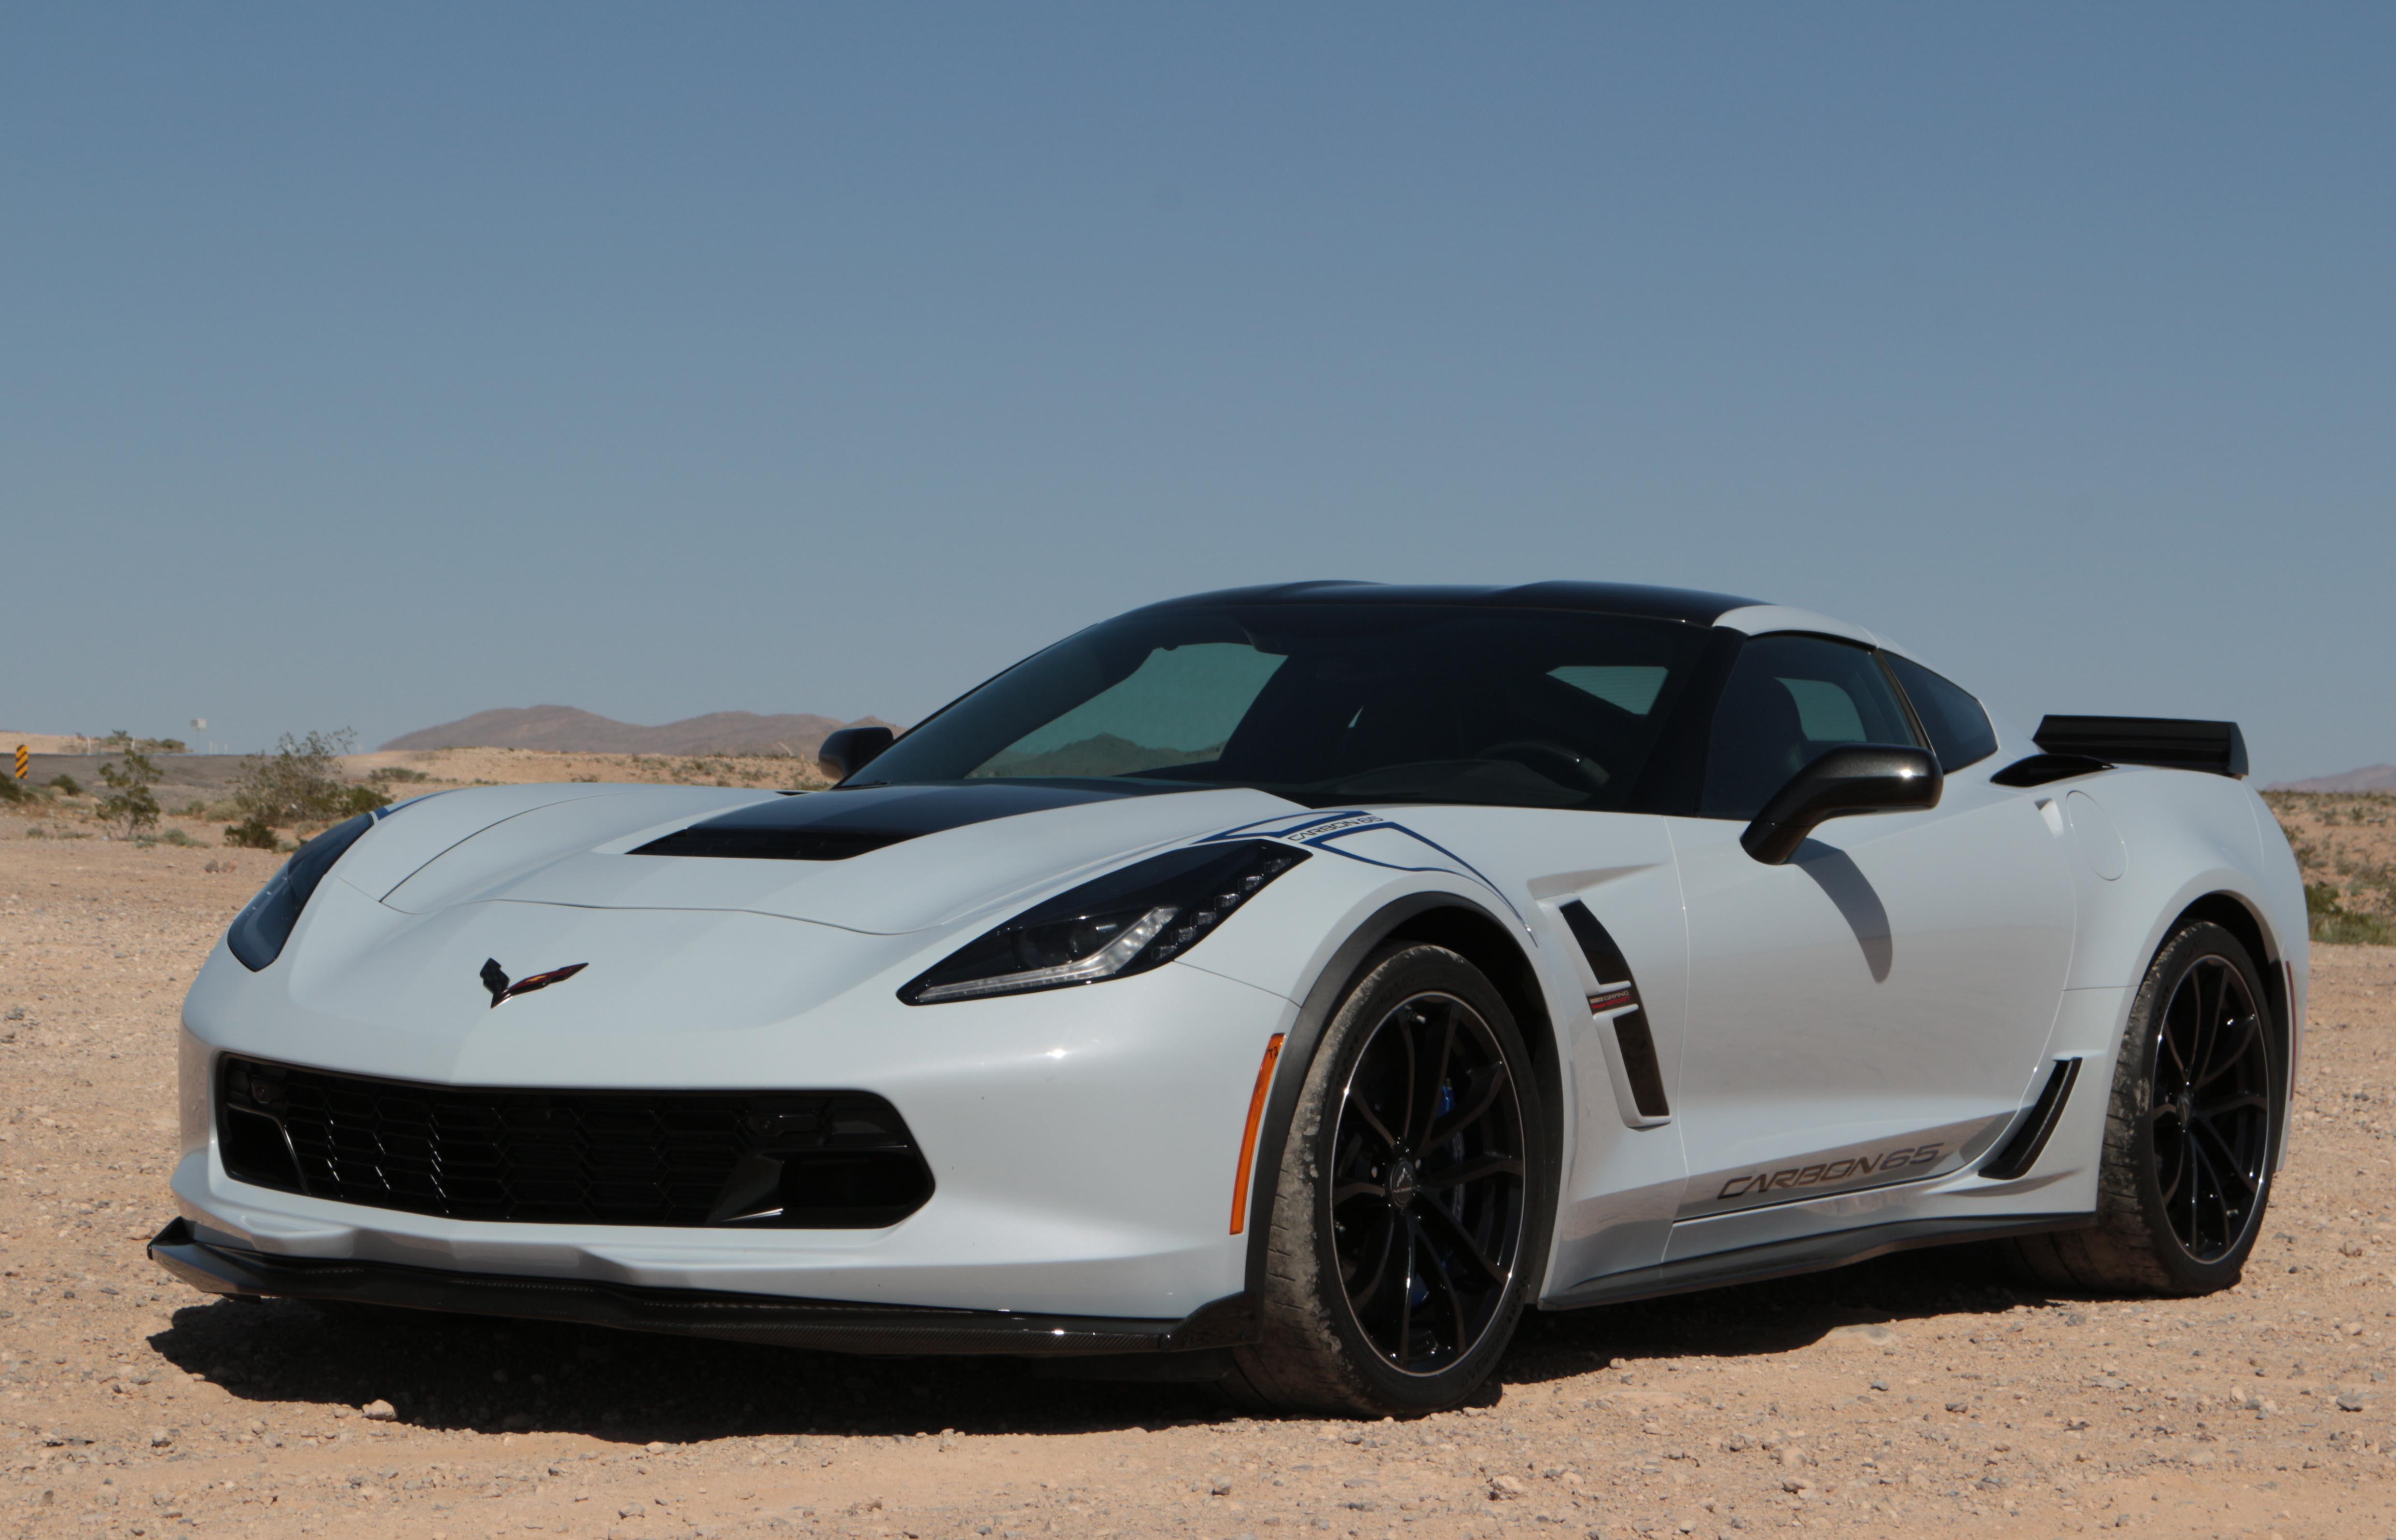 Review: 2018 Chevrolet Corvette Grand Sport Carbon 65